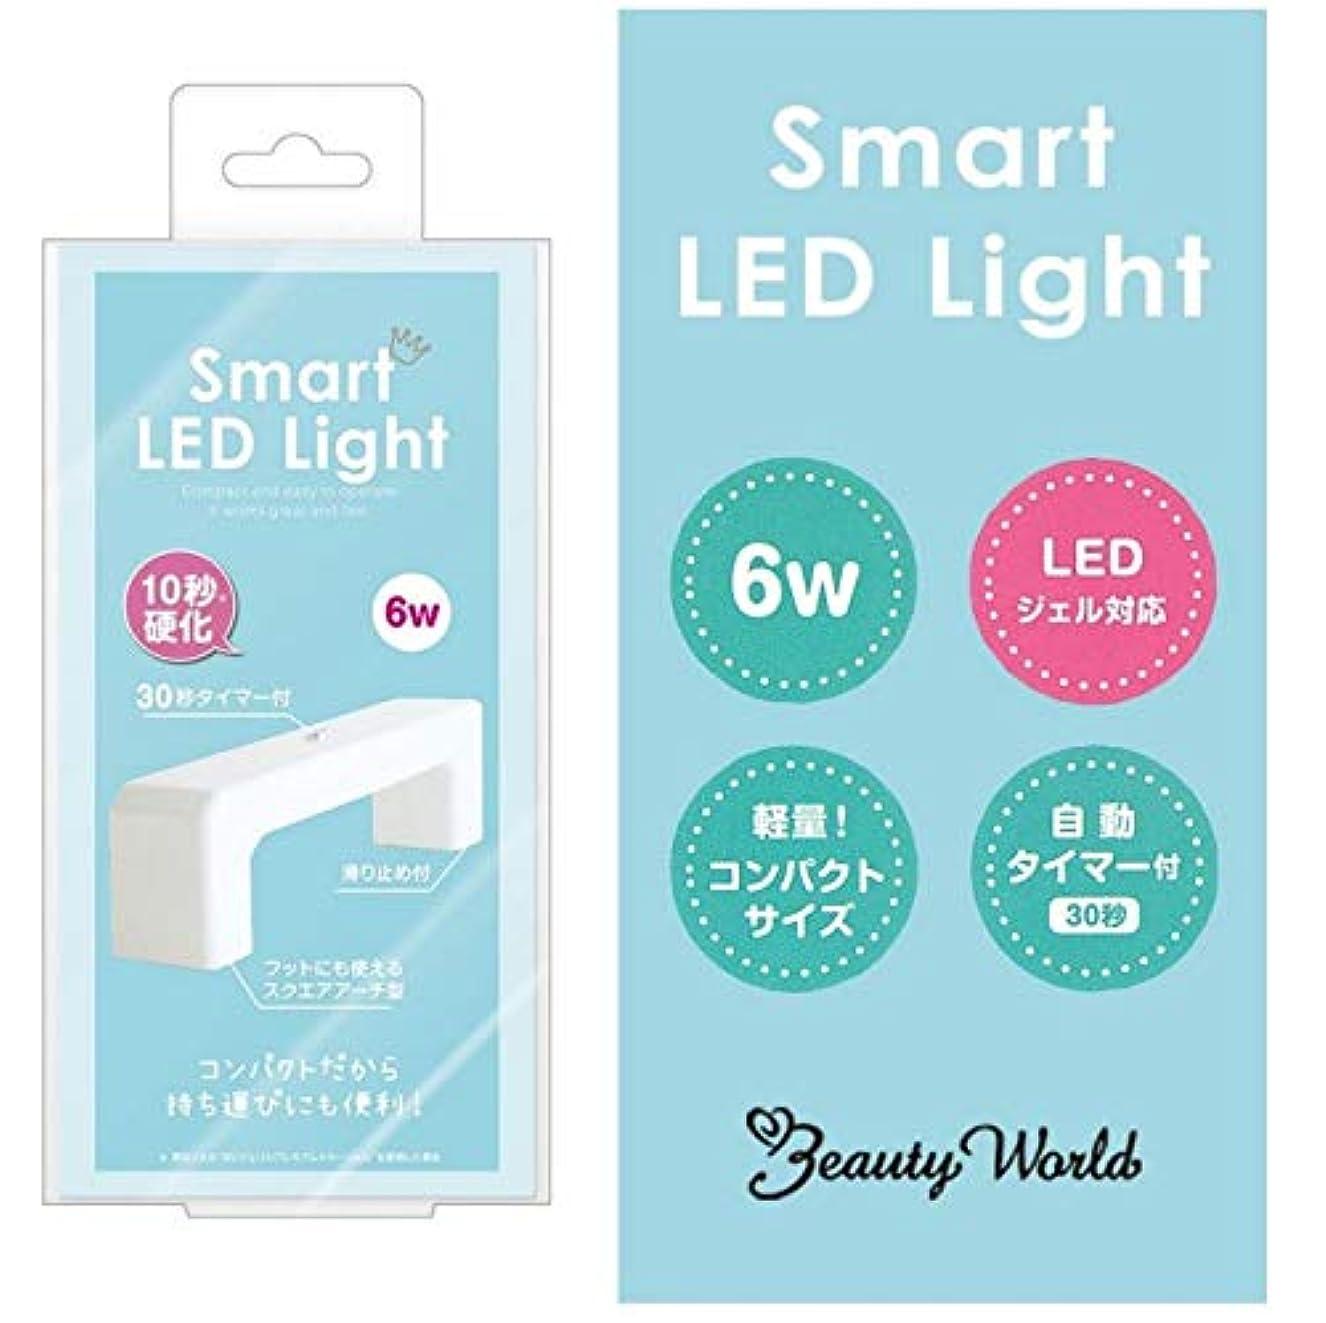 好意ゴミ彼女自身スマートLEDライト LED3801 6W チップ型 LED ライト スクエアアーチ型 自動タイマー付 ハンド フット ジェル ネイル スピーディー 硬化 コンパクト 軽量